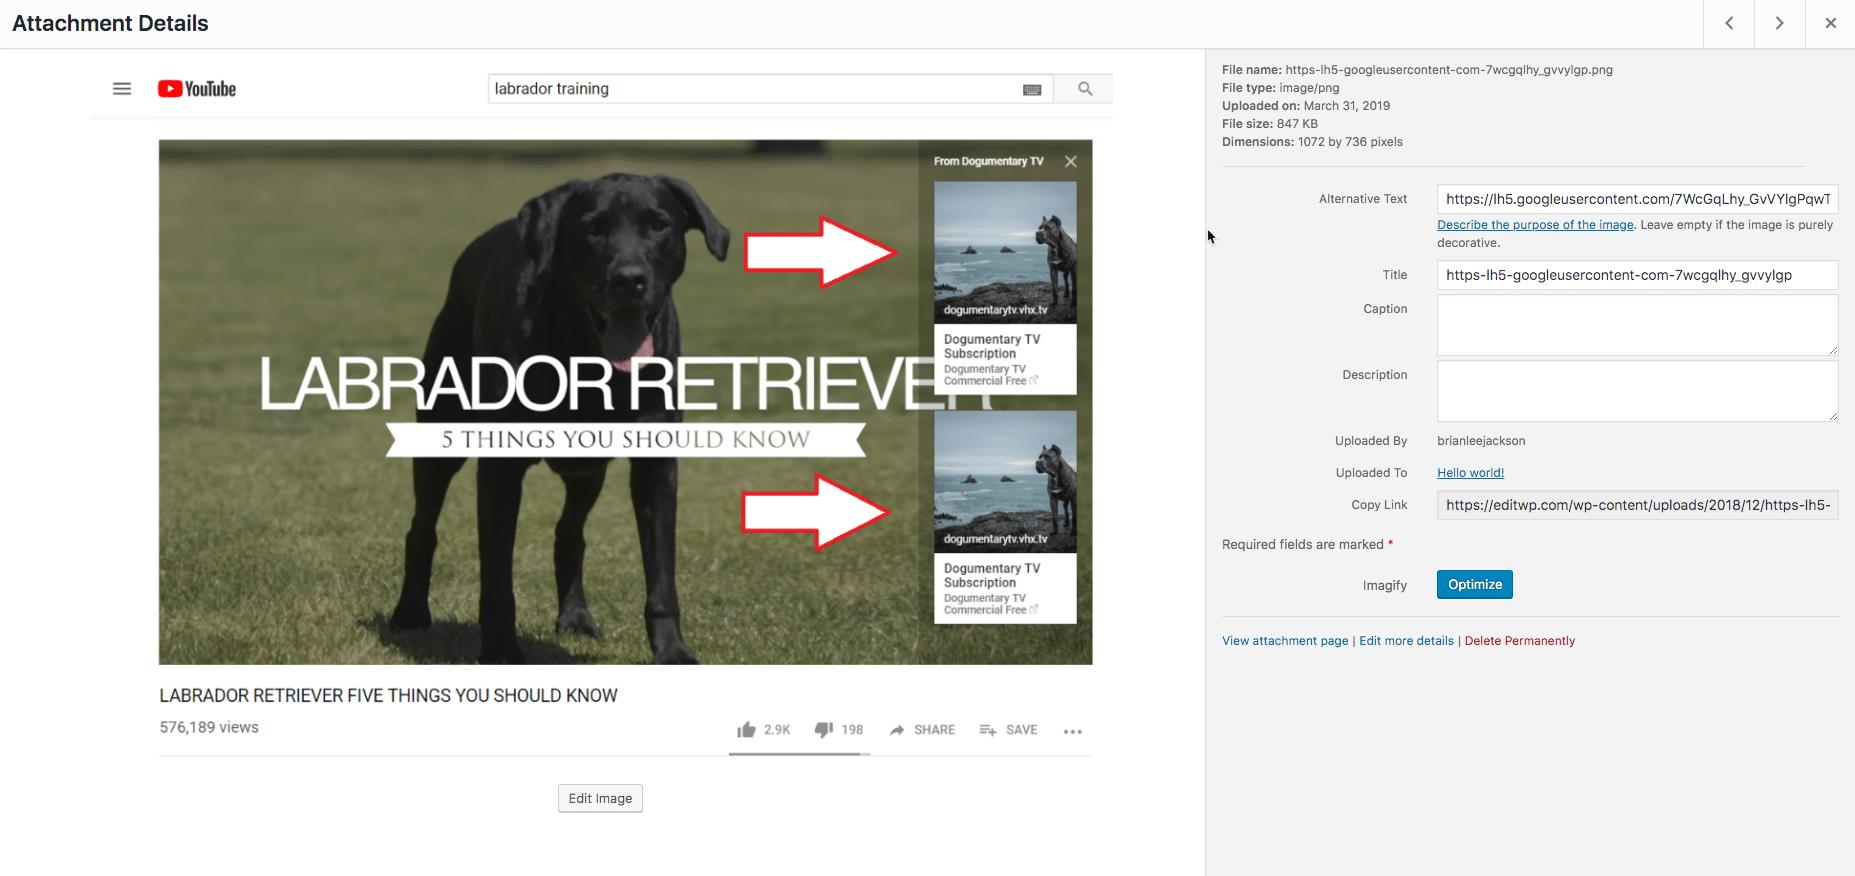 Der Bildschirm zur Bearbeitung von Anhängen in WordPress